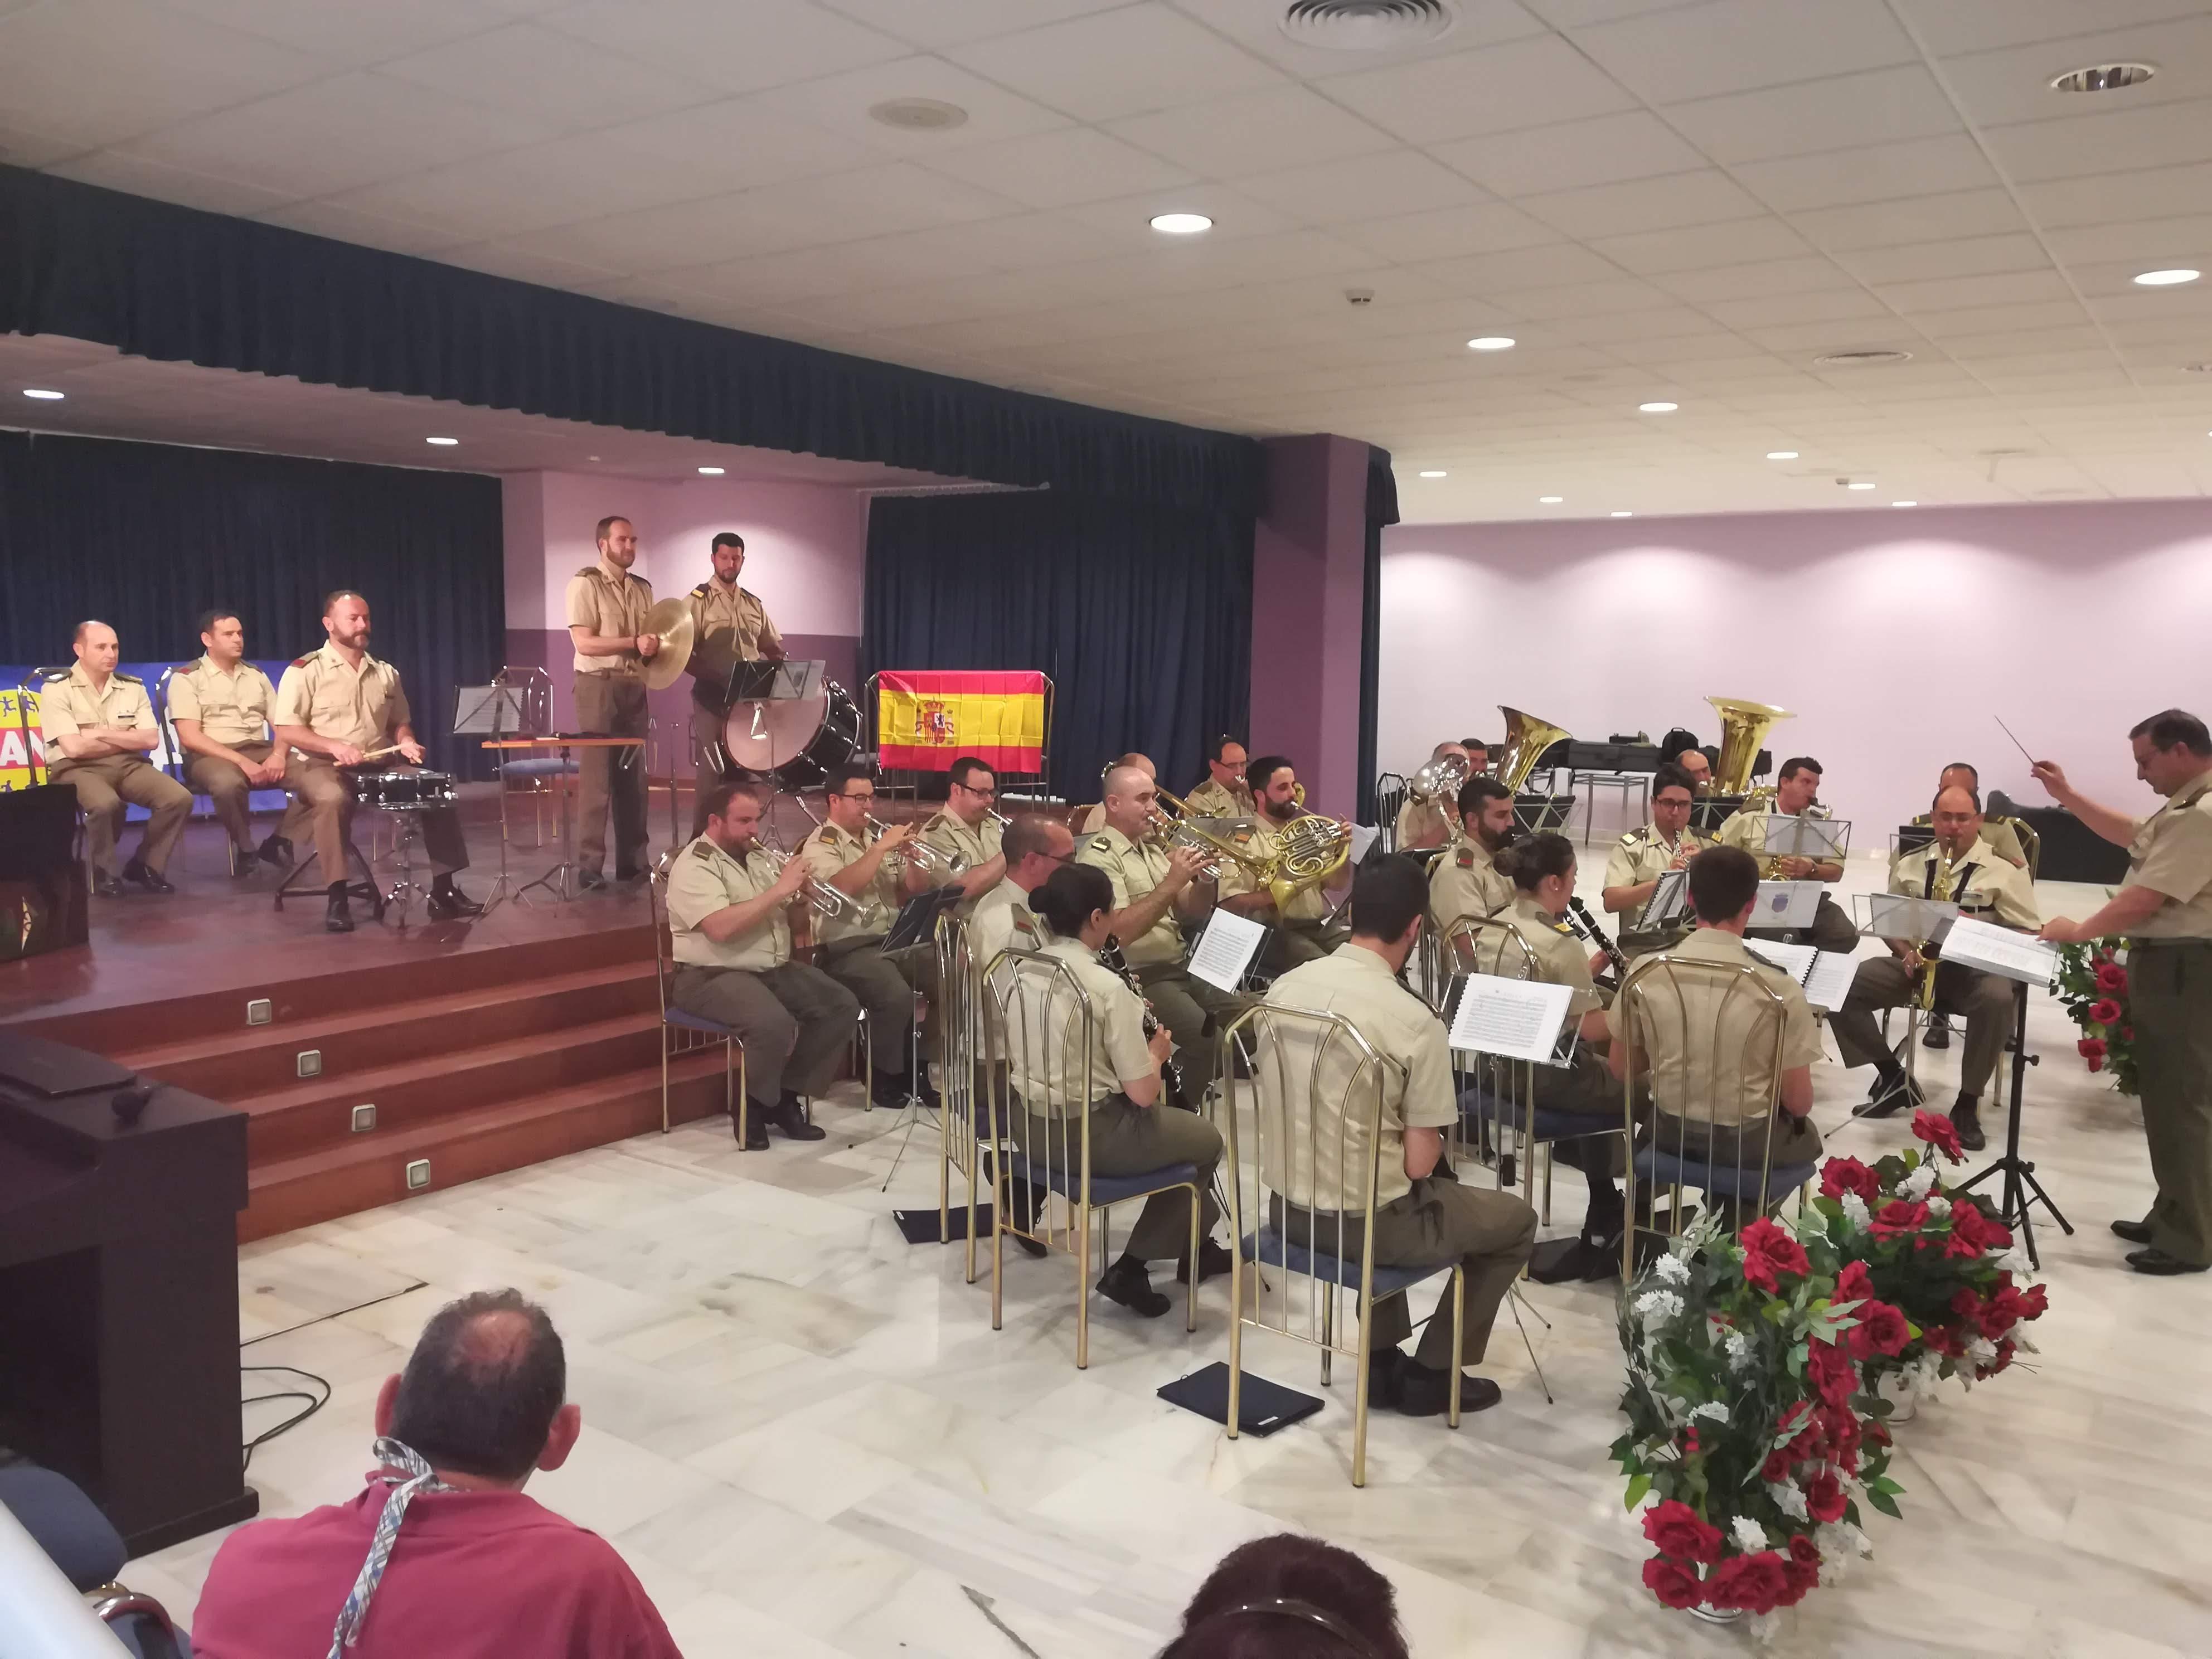 Espectacular concierto ofrecido por la Fundación Ande en Urbanización de Mayores